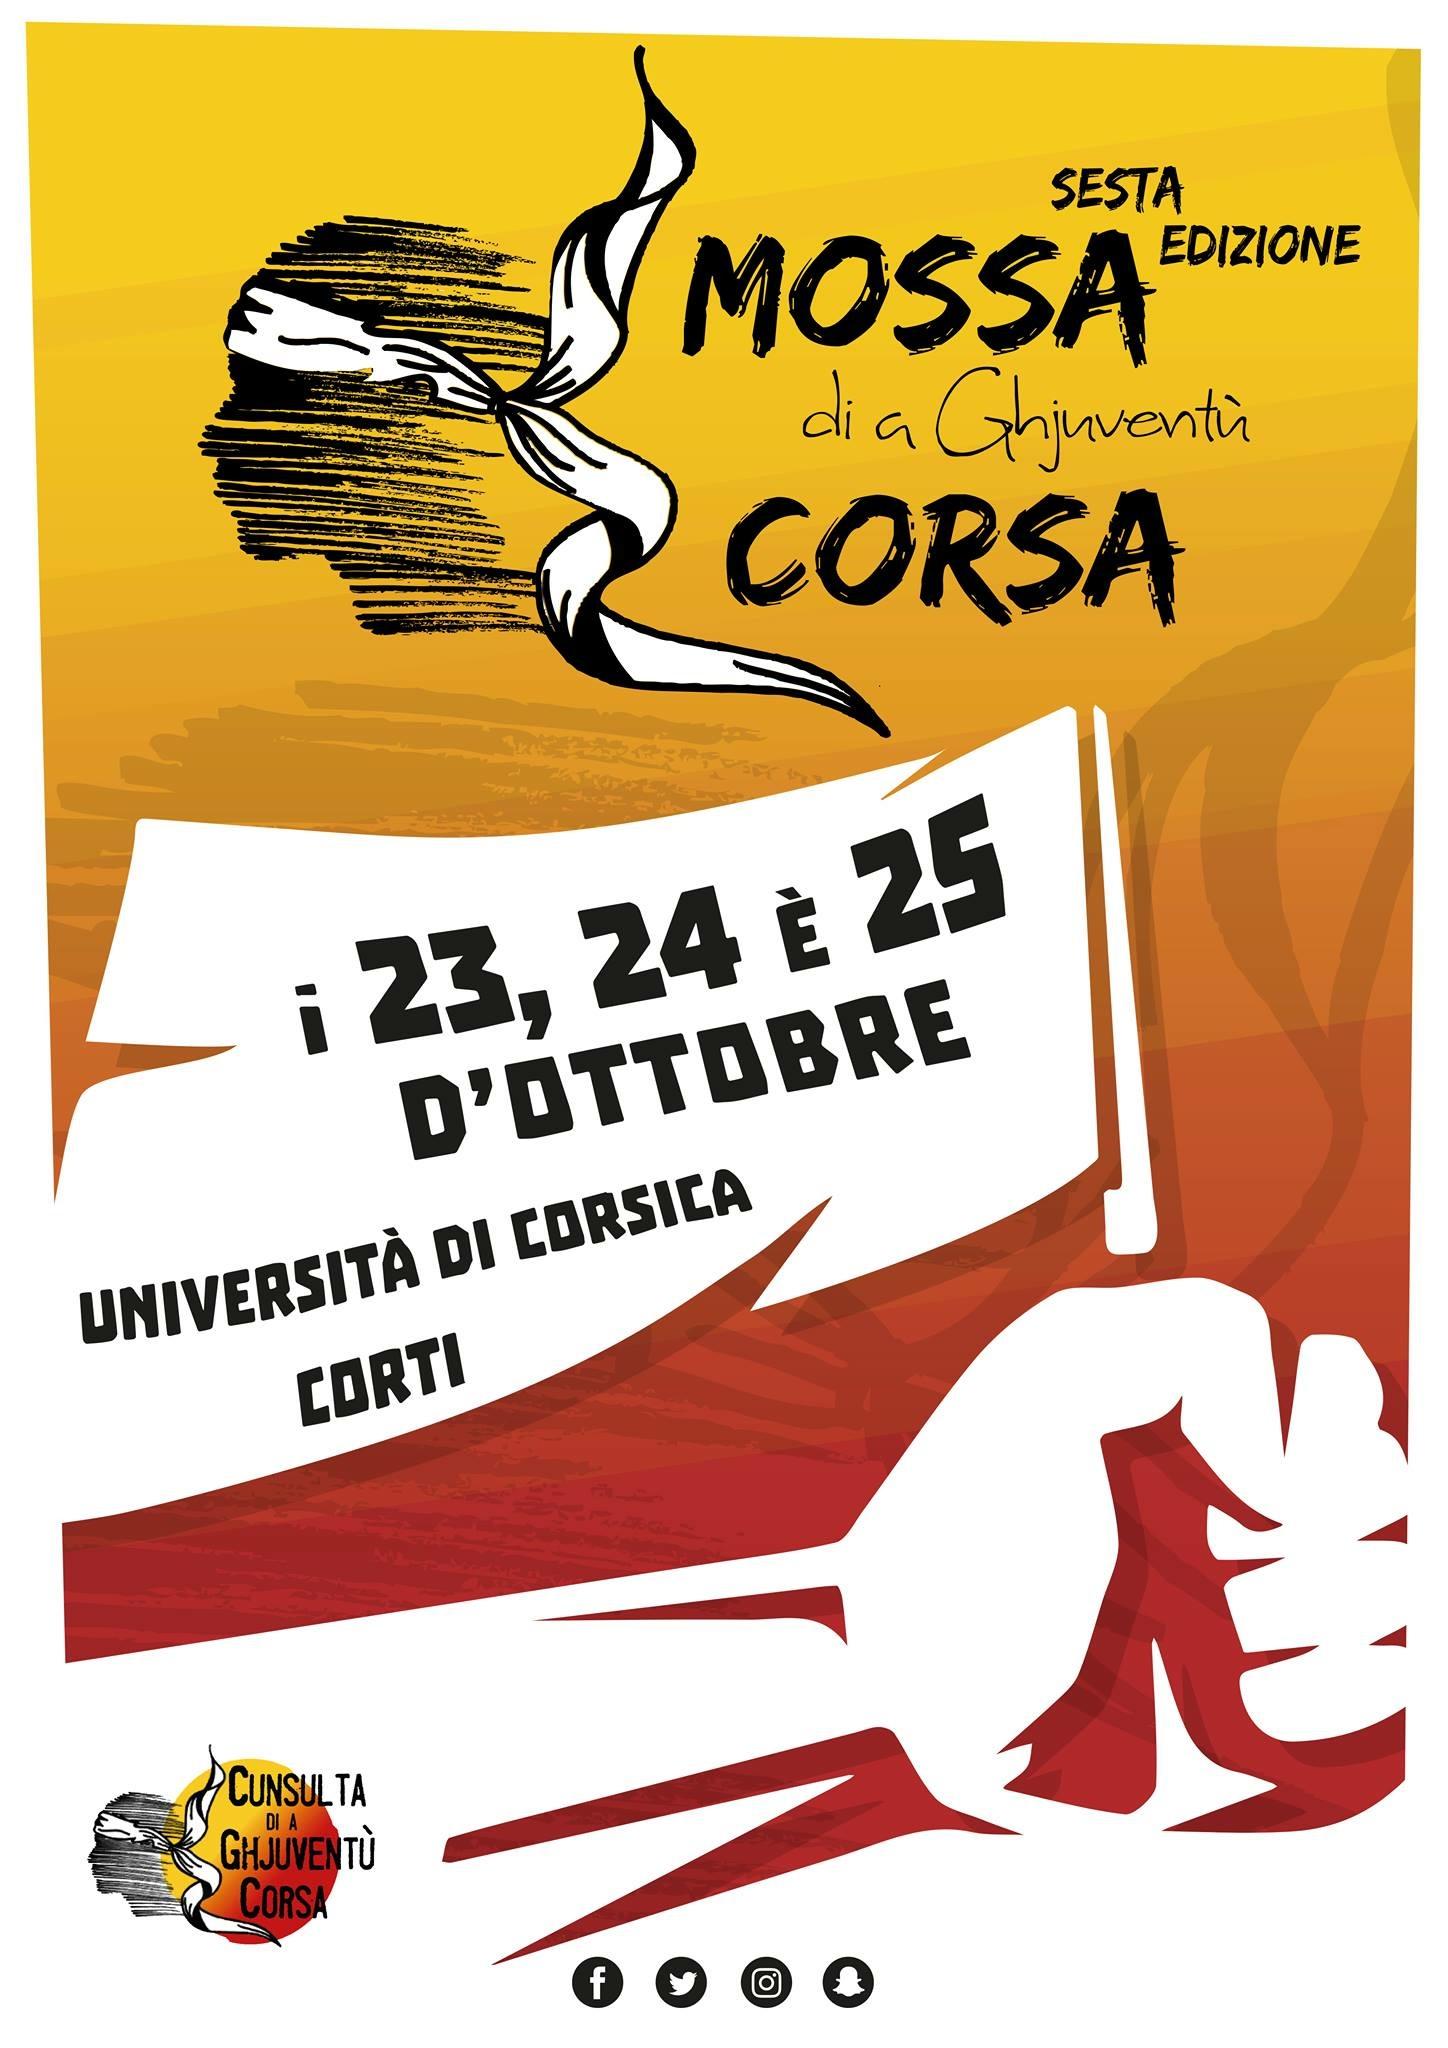 6sta edizione di A Mossa si à Giuventù Corsa in Corti